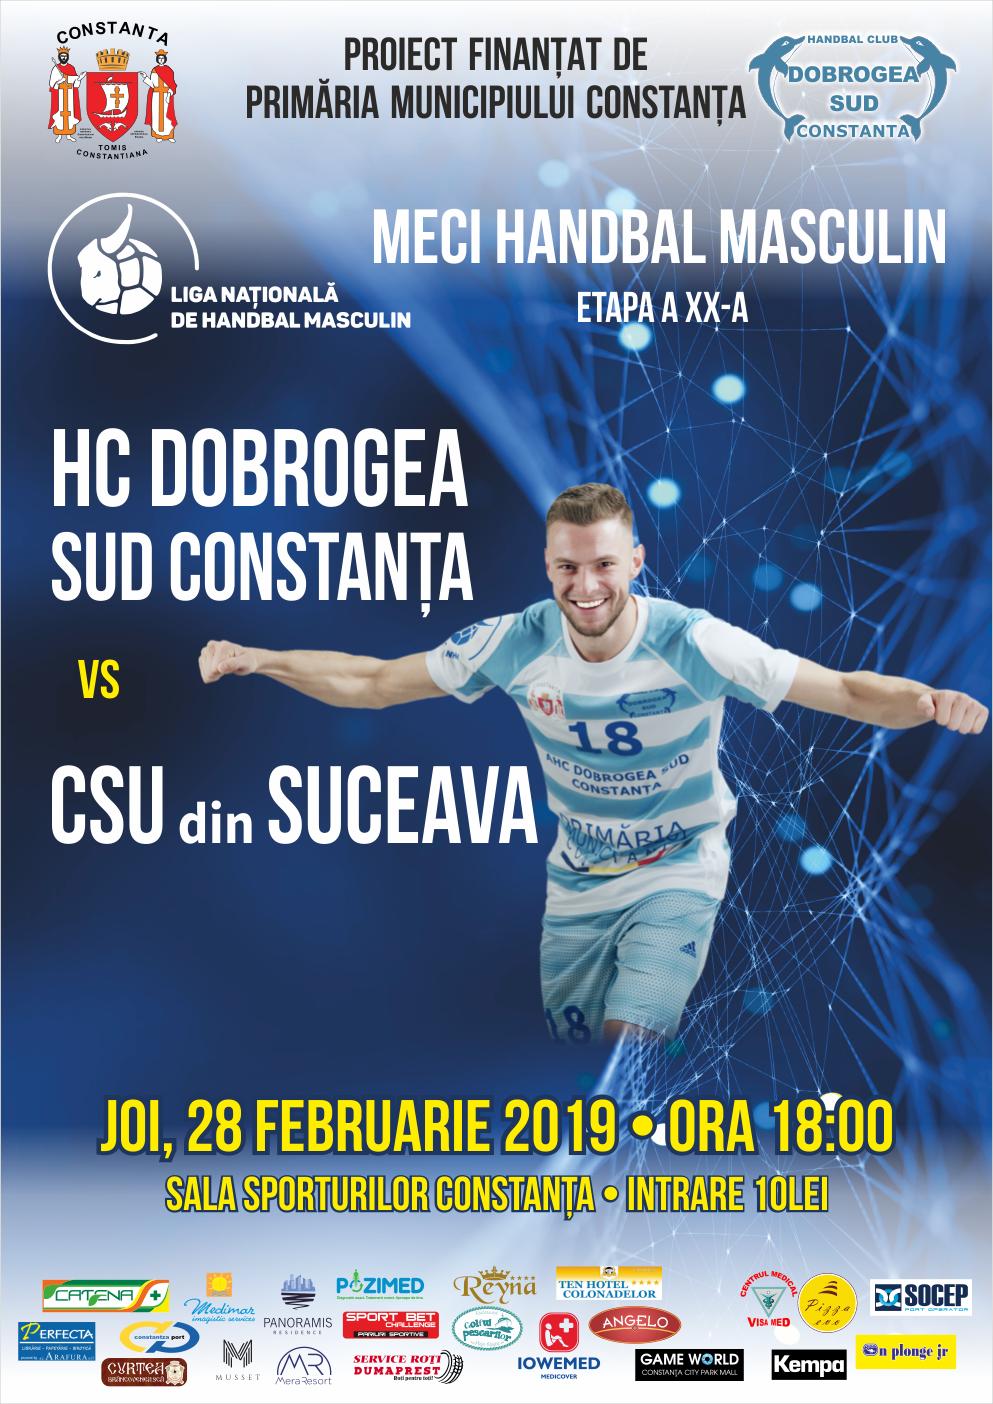 afis meci HC Dobrogea Sud Constanta vs. CSU din Suceava  28.02.2019